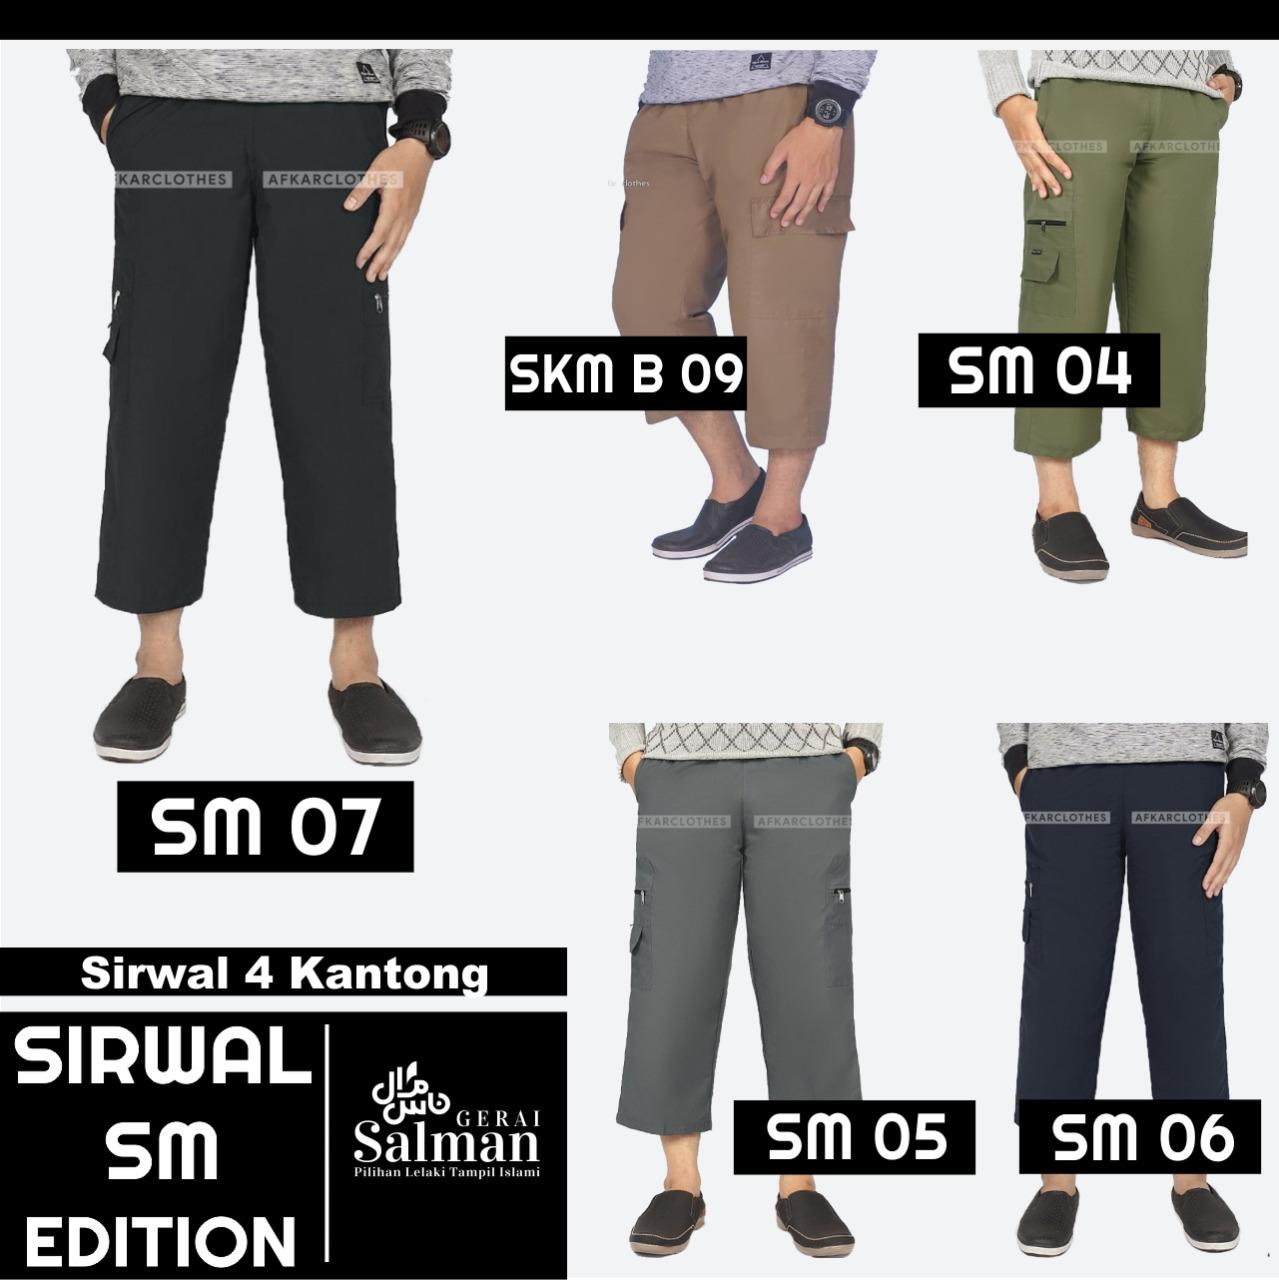 Celana Sirwal Murah / Sirwal Sunnah Ukuran M / Pangsi By Gerai Salman.